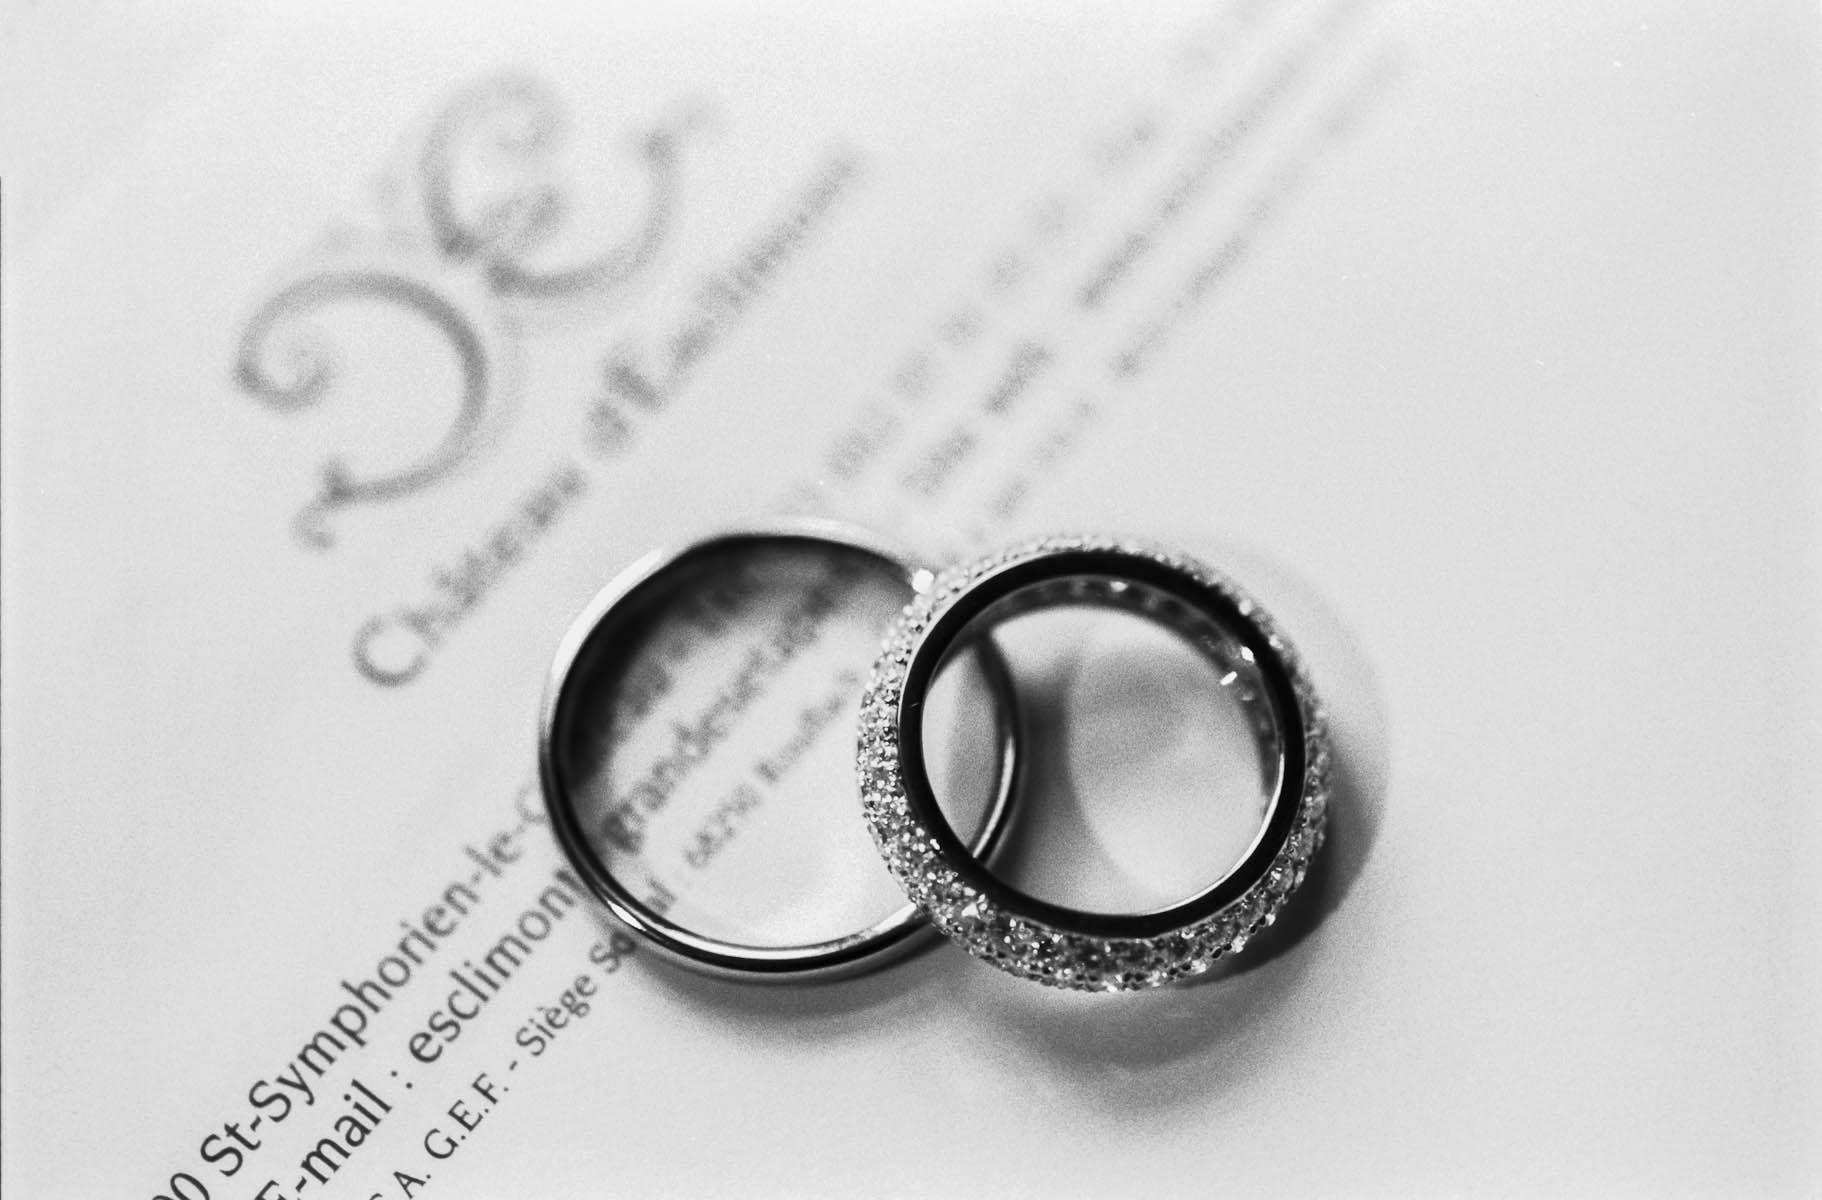 L'alliance symbole de l'union par Sofiacome, photographe de mariage